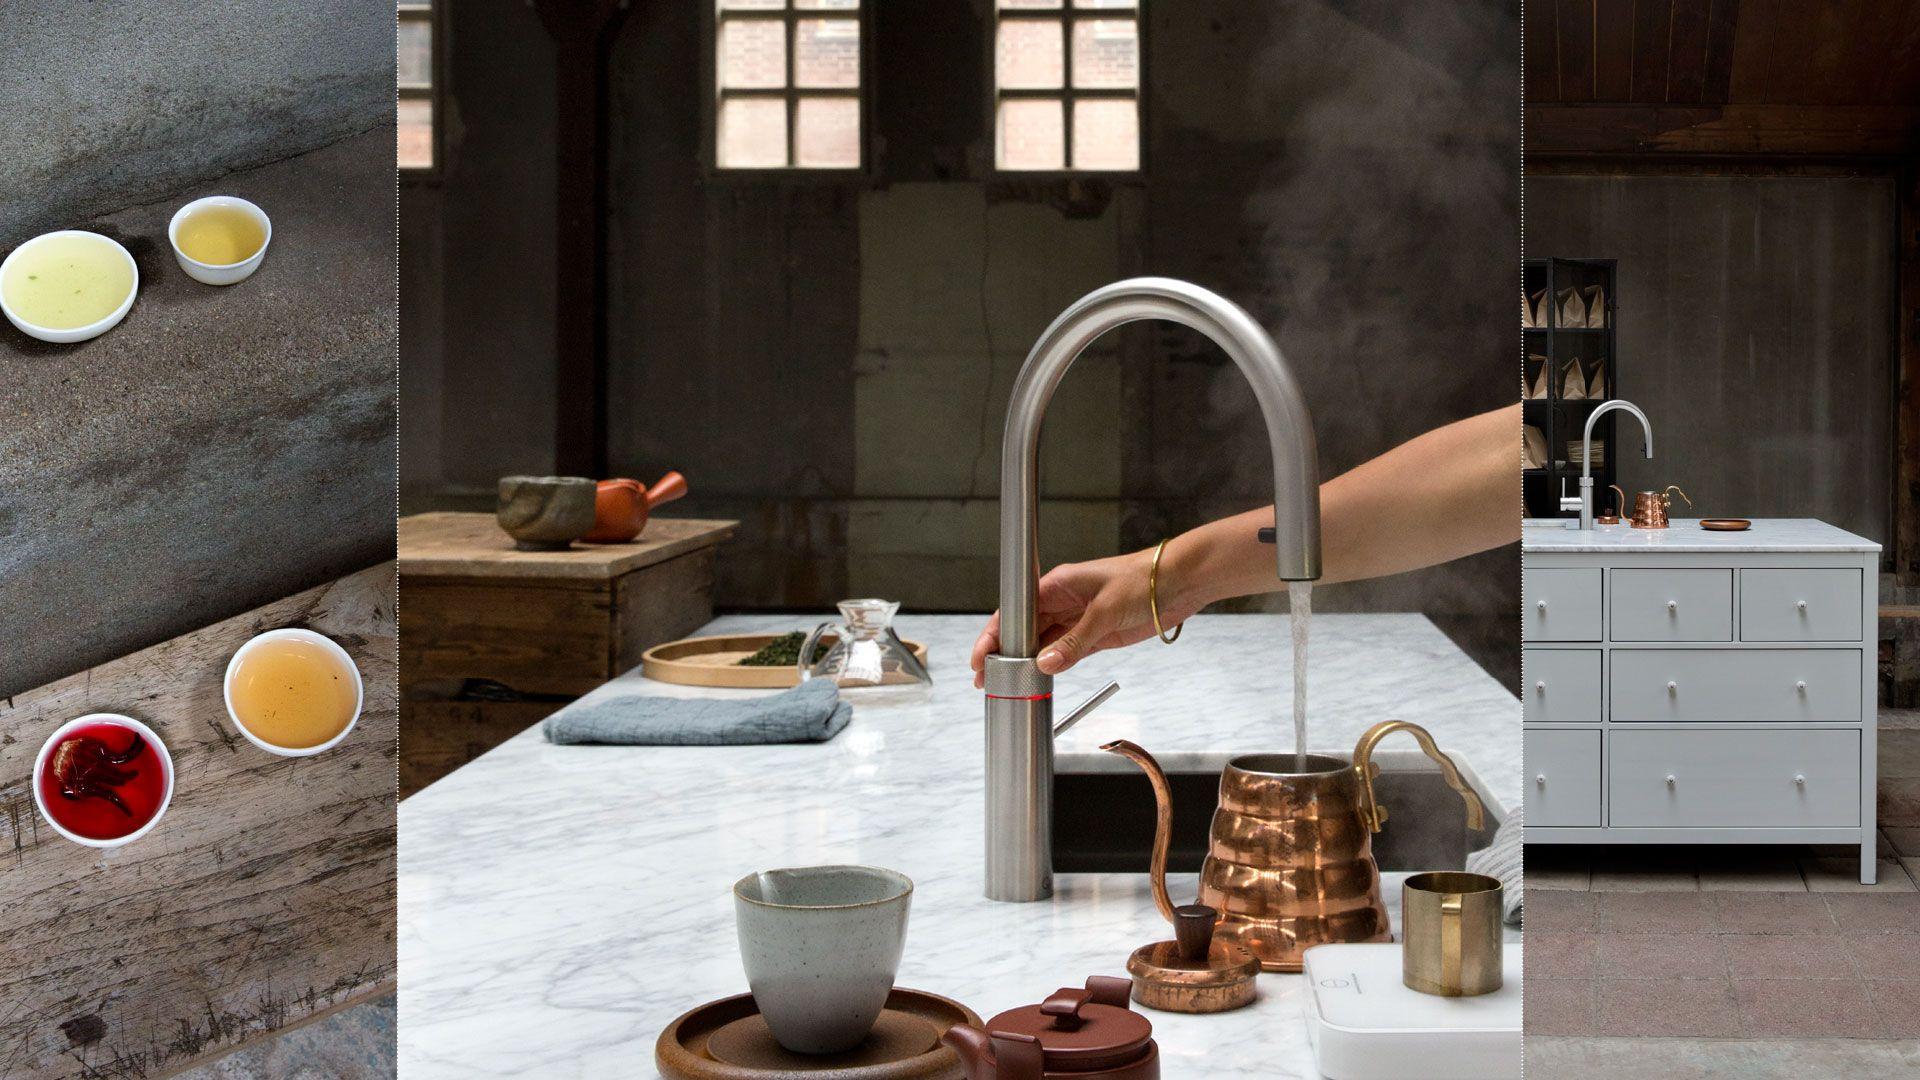 Quooker Wasserhahn Der Kochend Wasser Hahn Fur Ihre Kuche Wasserhahn Kuche Hahnchen